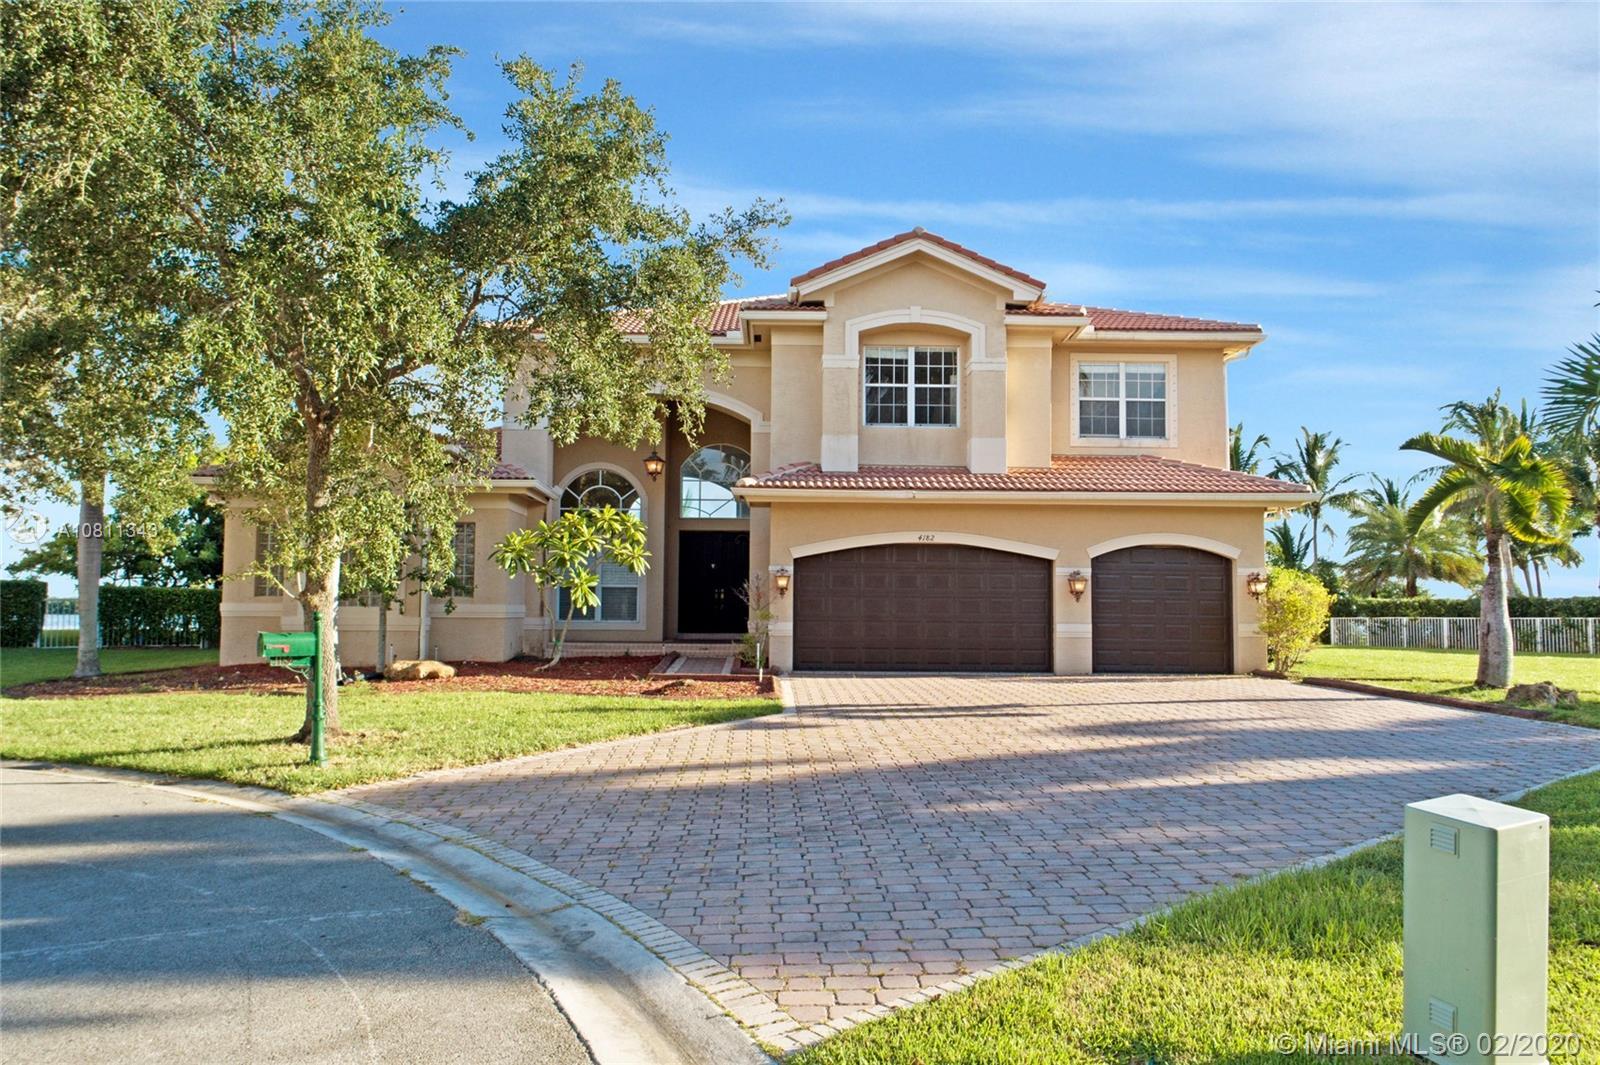 4182 SW 188th Ave, Miramar, FL 33029 - Miramar, FL real estate listing